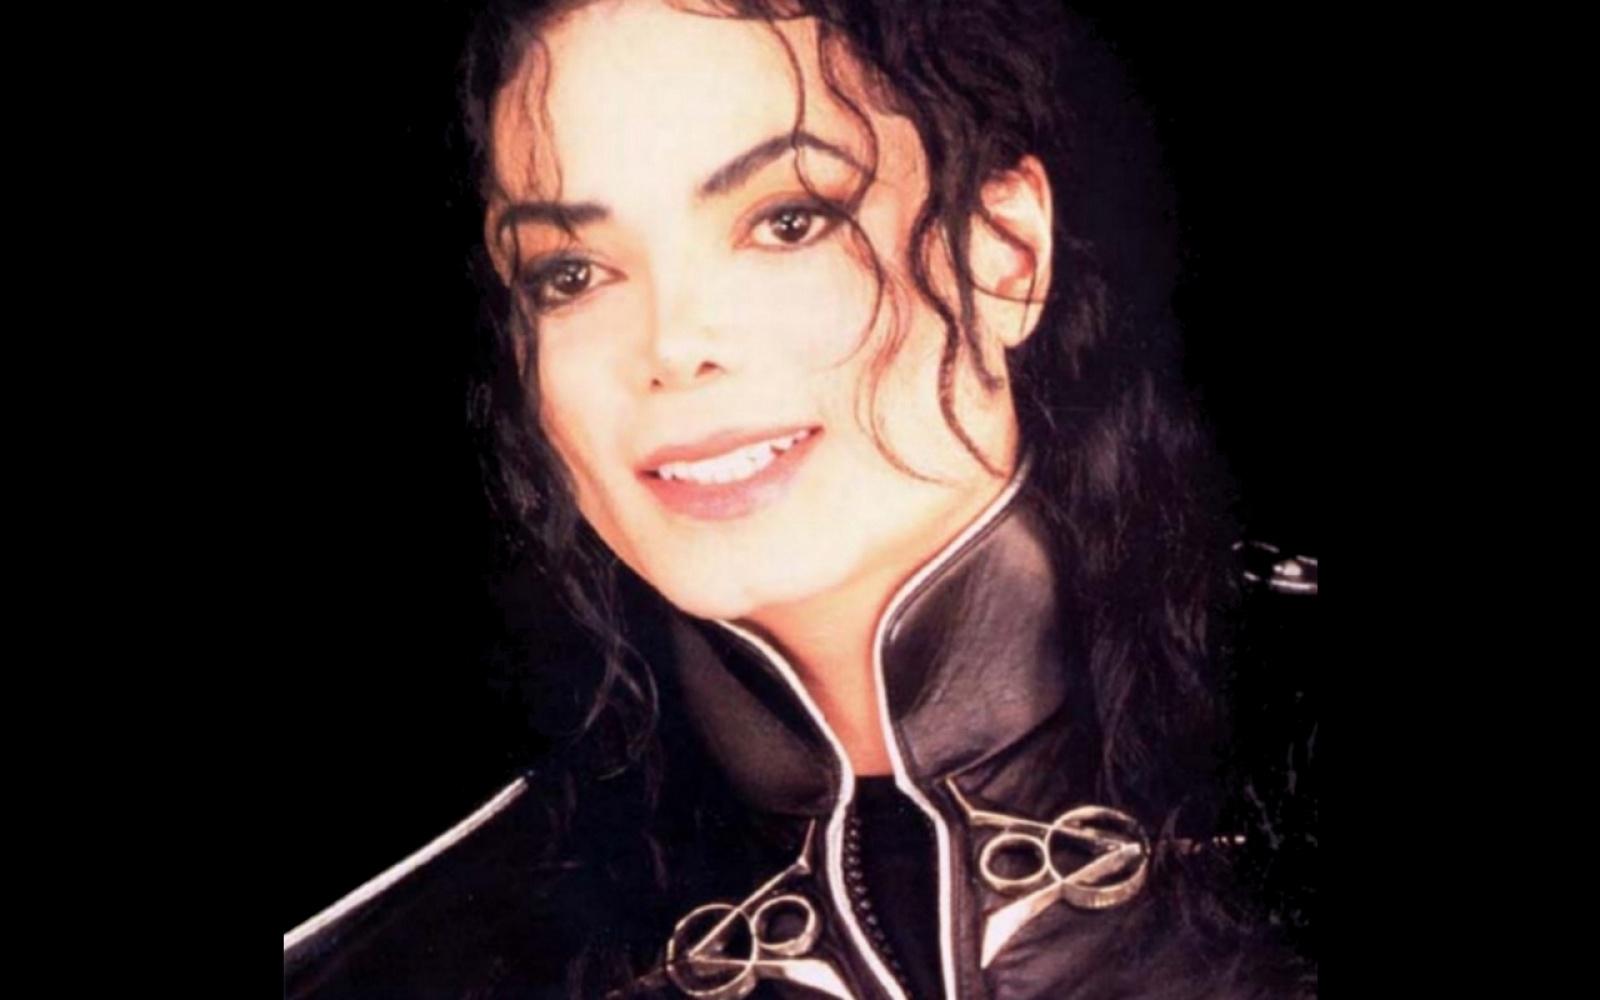 http://4.bp.blogspot.com/-BoTy-5Yvj_I/USjjgQt-YXI/AAAAAAAAH24/ZTABDmM5ltQ/s1600/ws_Michael_Jackson_1600x1200.jpg